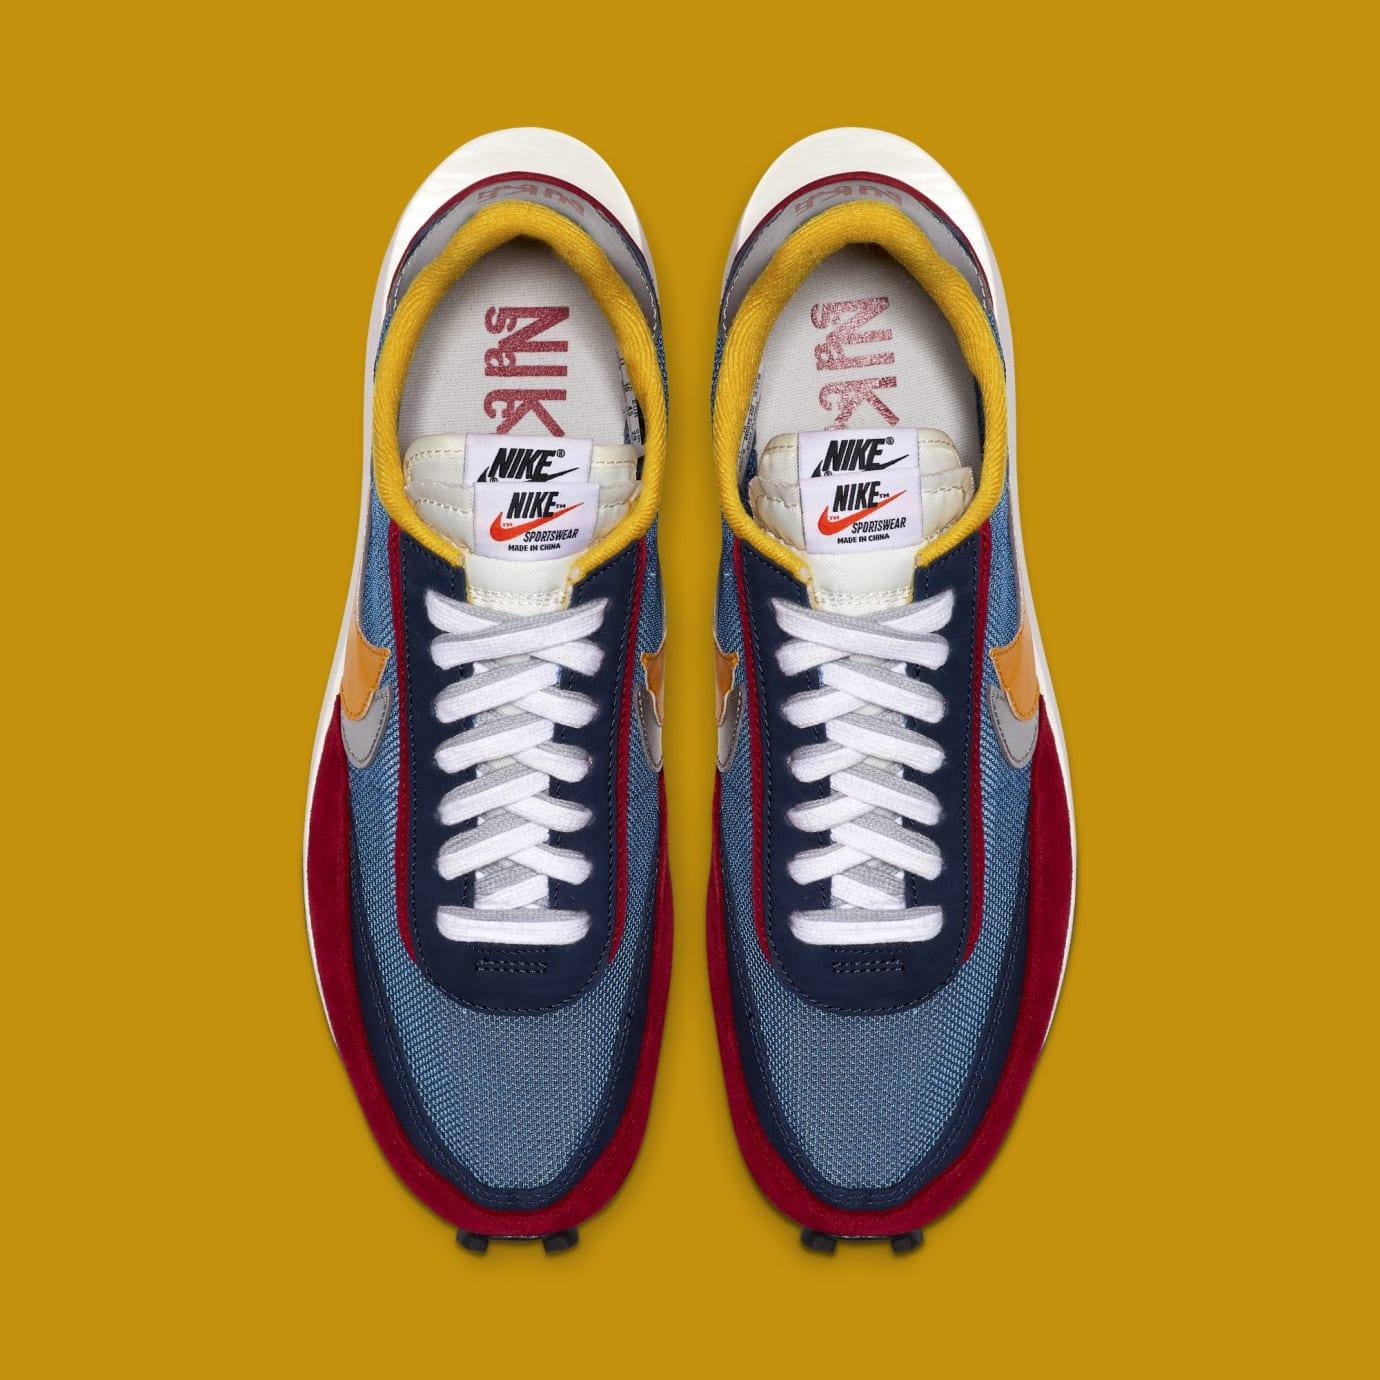 Ldwaffle Bv0073 DateSole 300 Release Sacai Nike X 400 8OkPXnw0